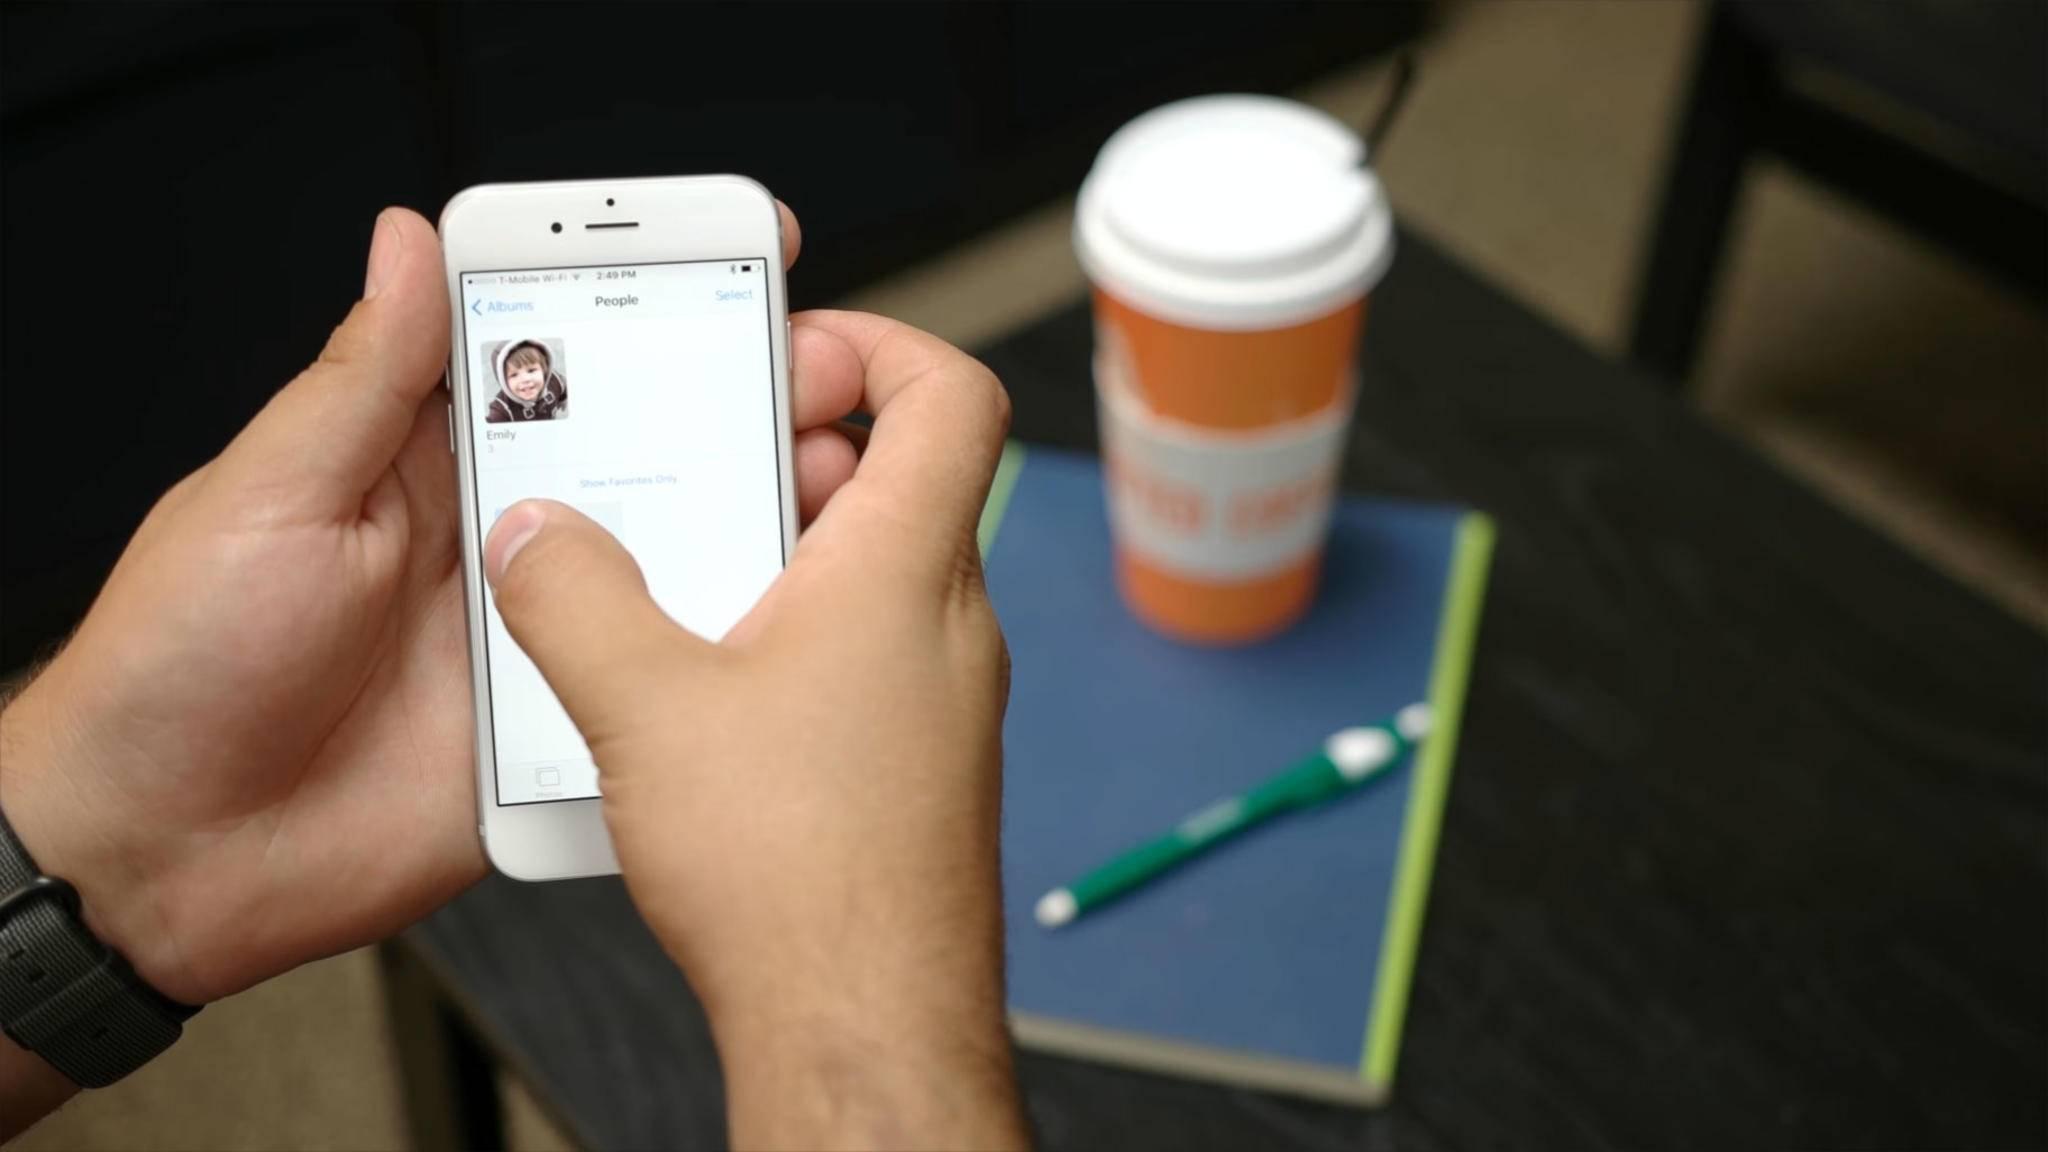 Die Gesichtserkennung auf dem iPhone funktioniert ganz gut, aber noch nicht perfekt.